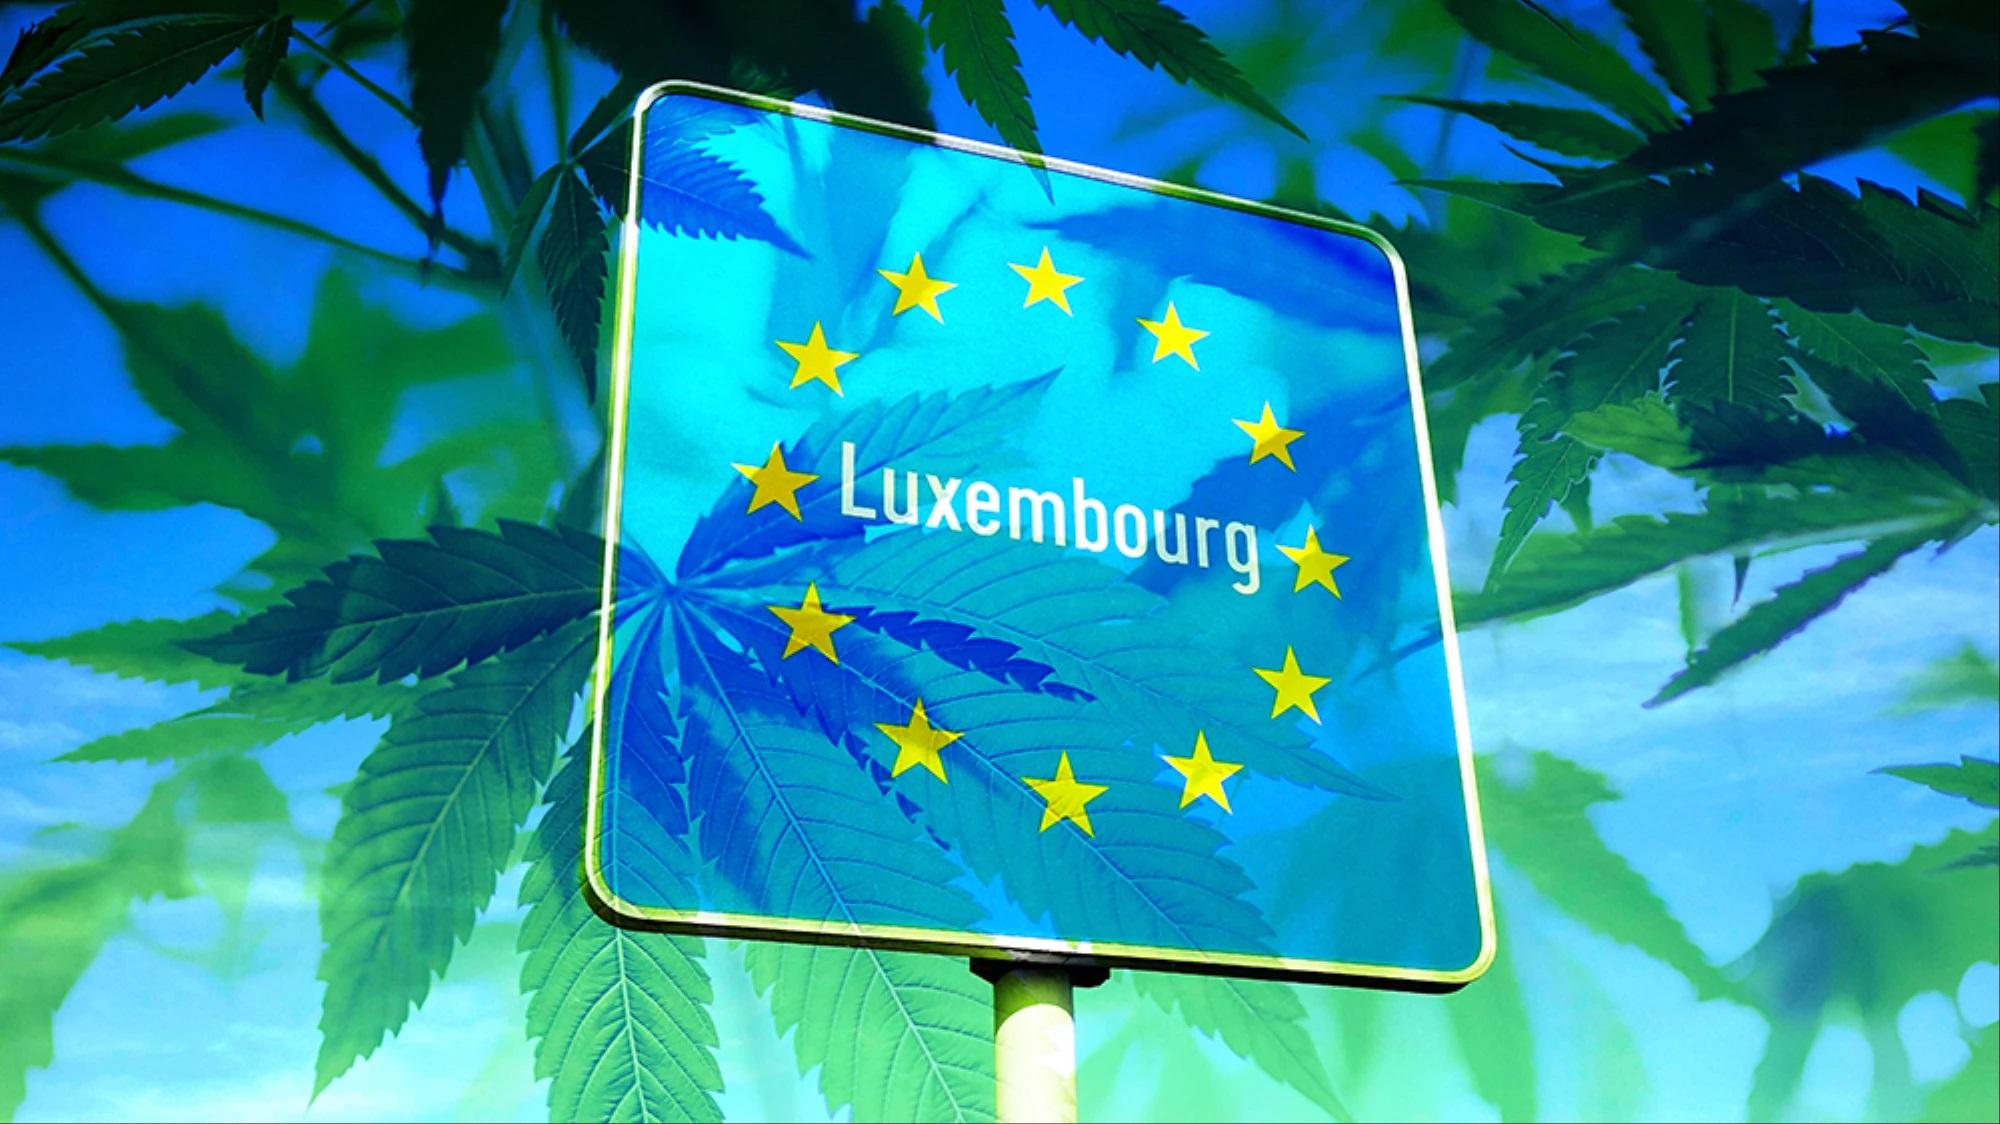 Pierwsza Legalizacja Marihuany w Europie – Luksemburg, haszysz.info